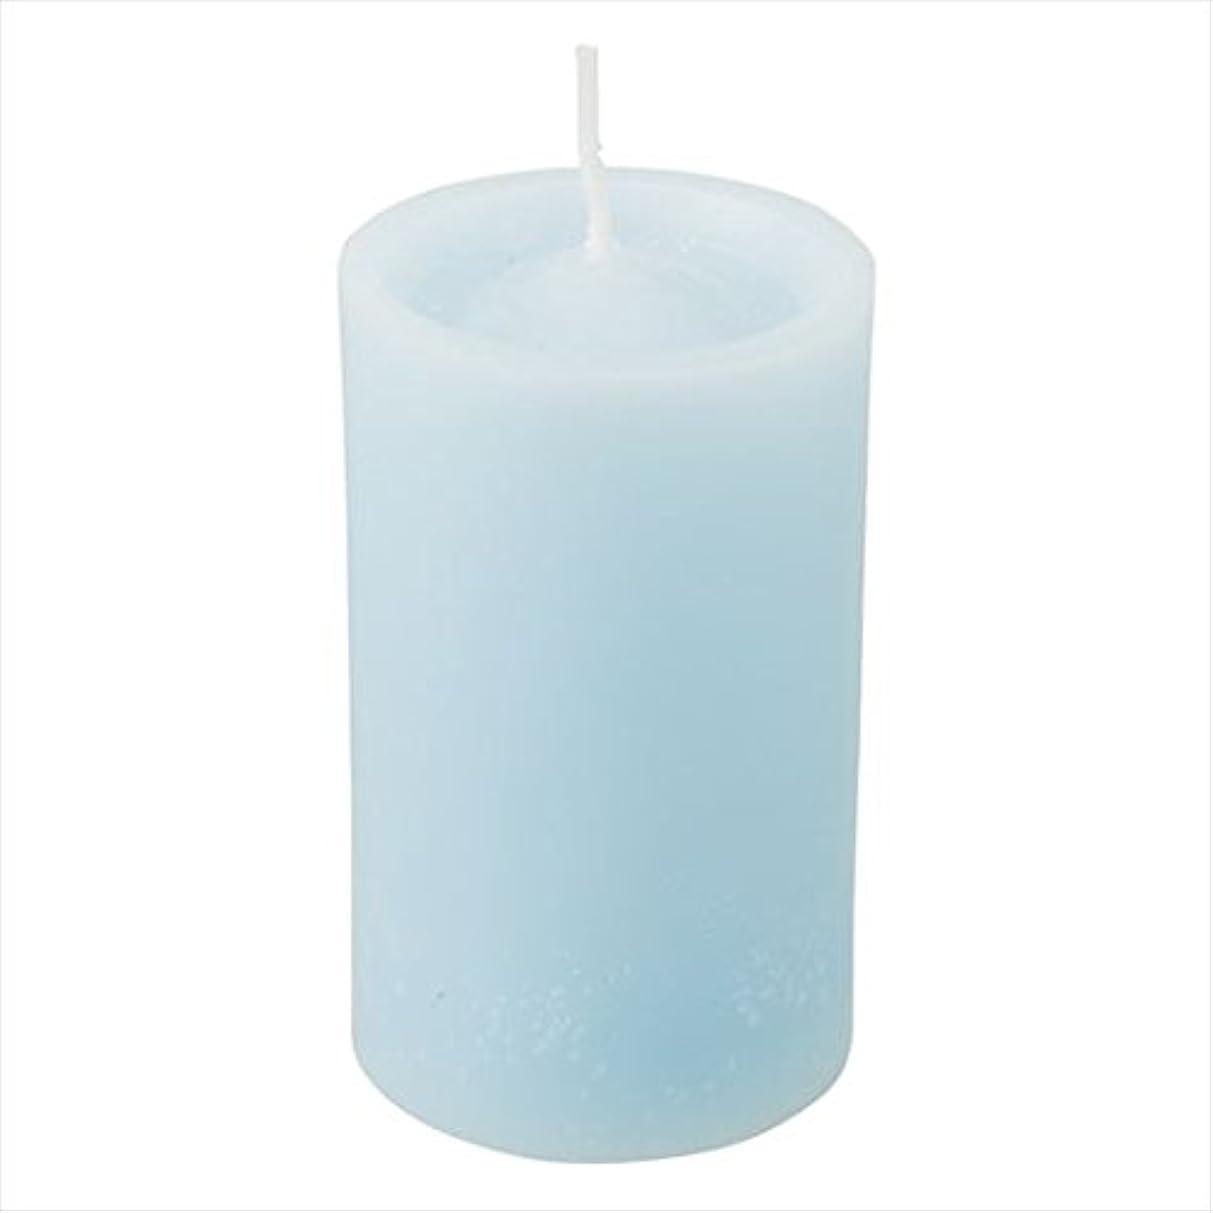 アトラスマーキー悲観主義者カメヤマキャンドル(kameyama candle) ロイヤルラウンド60 「 ライトブルー 」